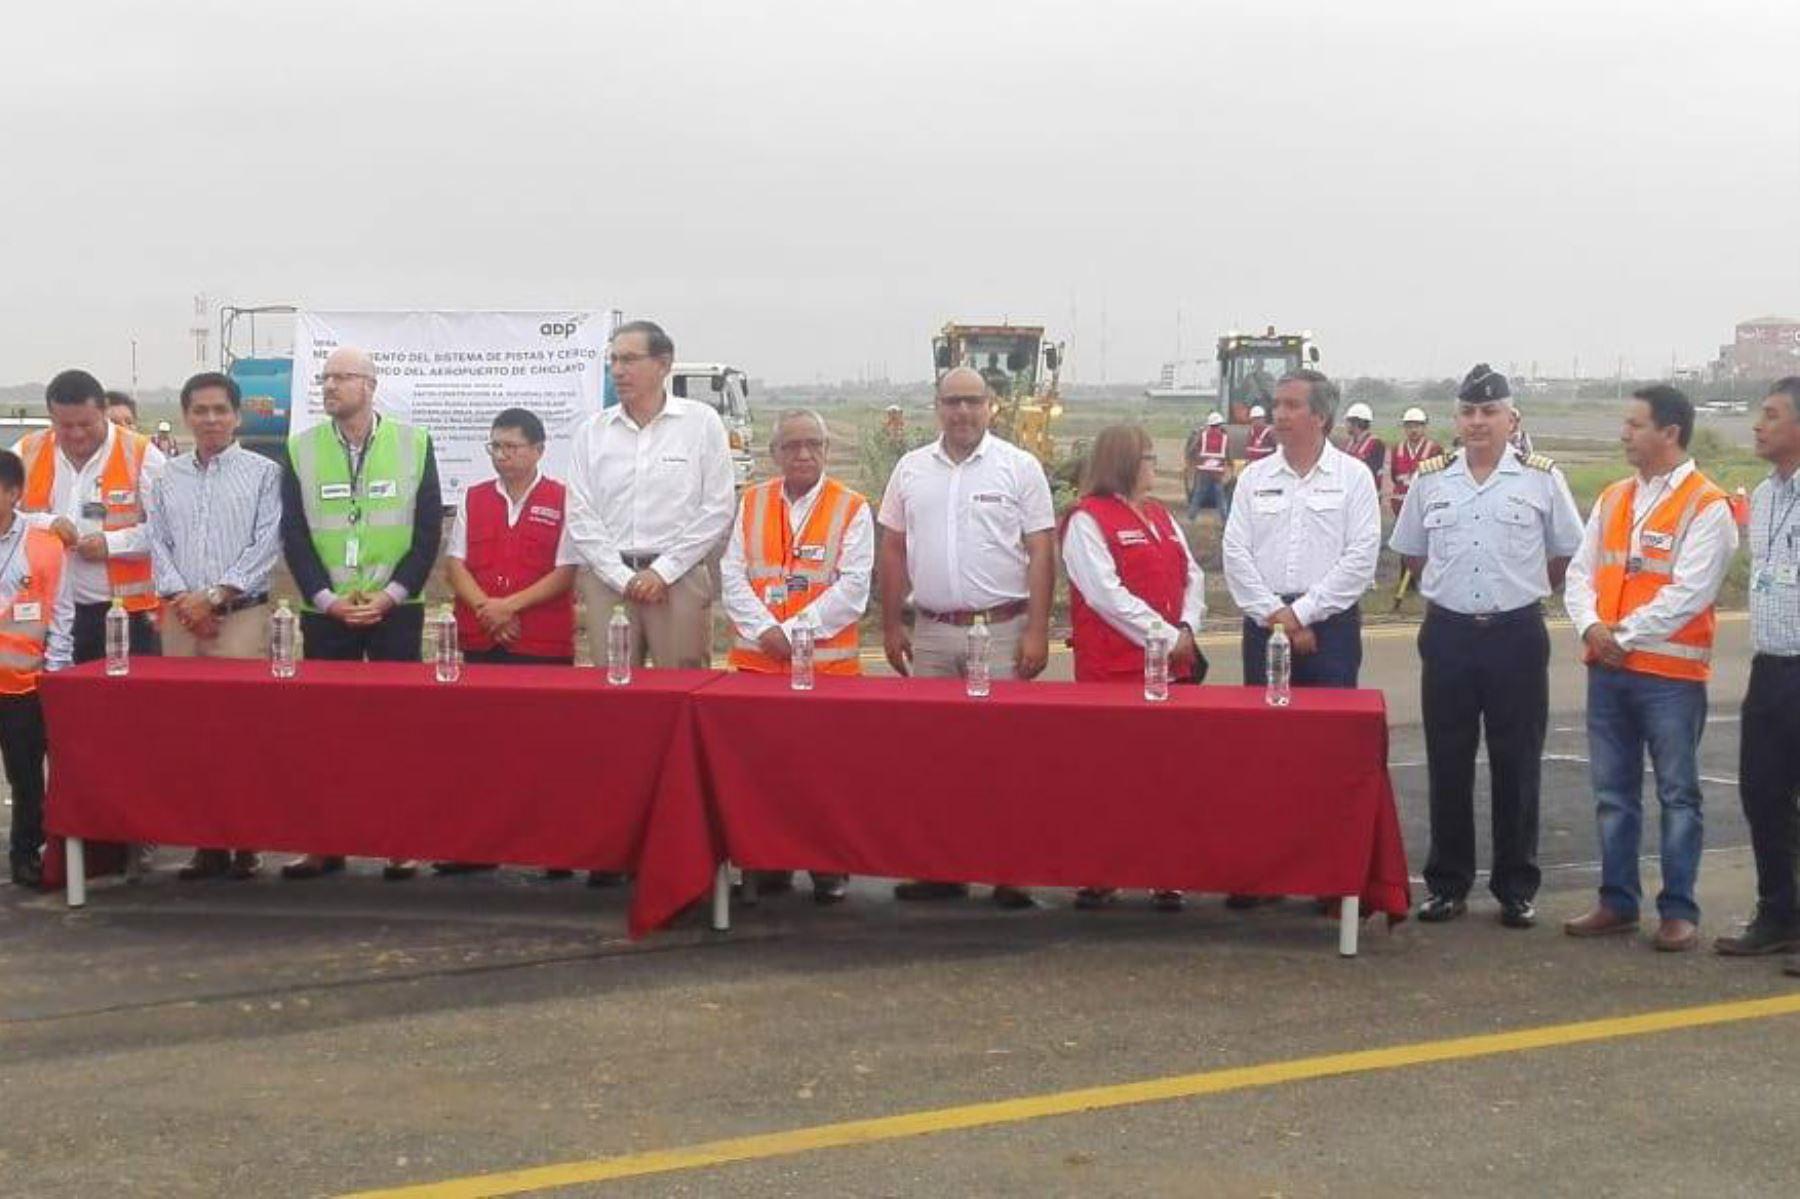 El presidente Martín Vizcarra dio inicio ayer a las obras de modernización del aeropuerto de Chiclayo.